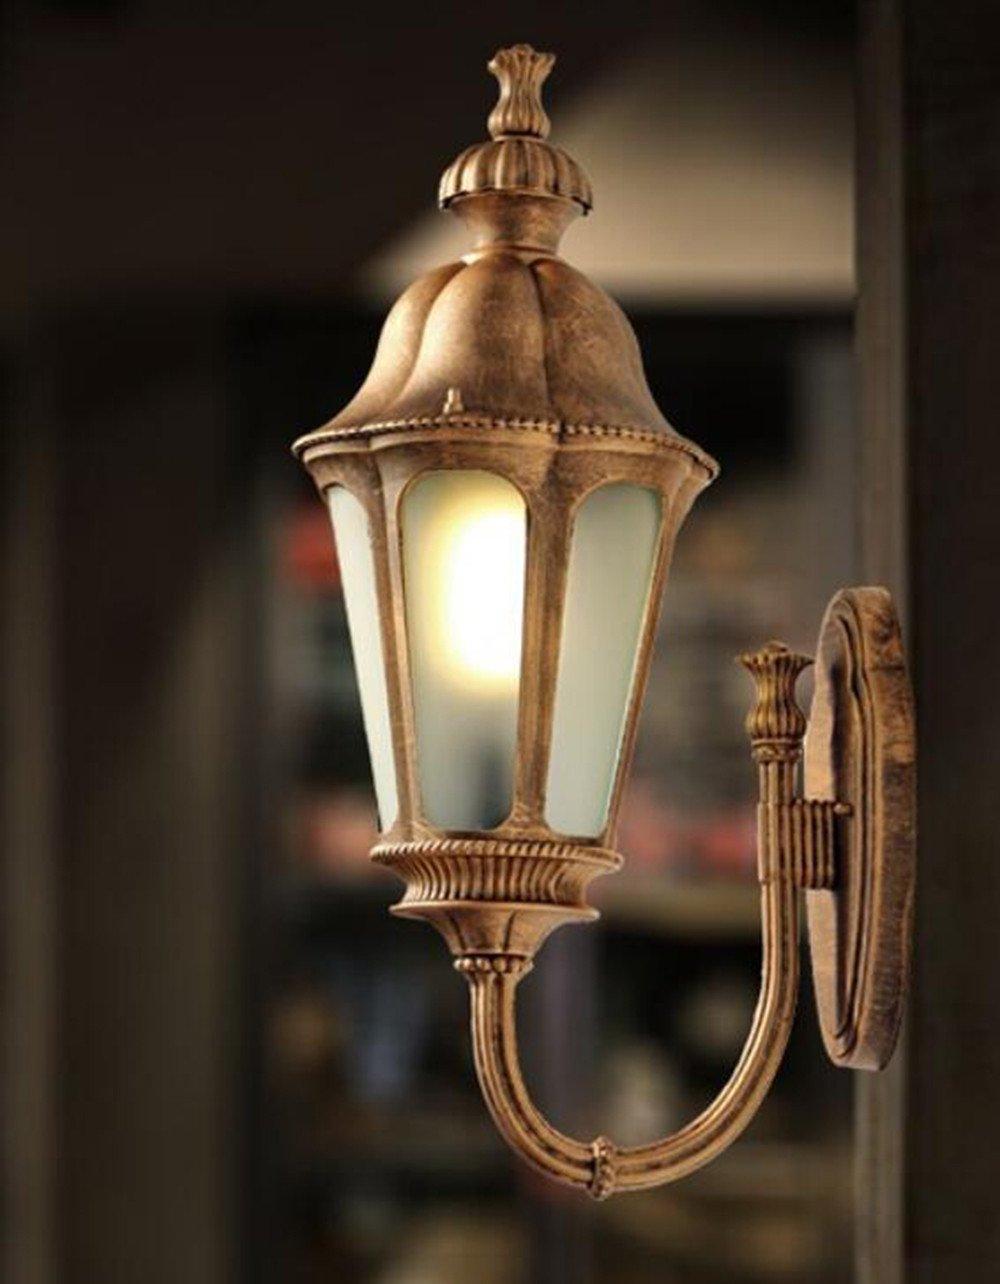 Europäische Outdoor-Wandleuchte wasserdicht Anti-Rost LED Wohnzimmer Schlafzimmer Garten Flur Lampe, Bronze